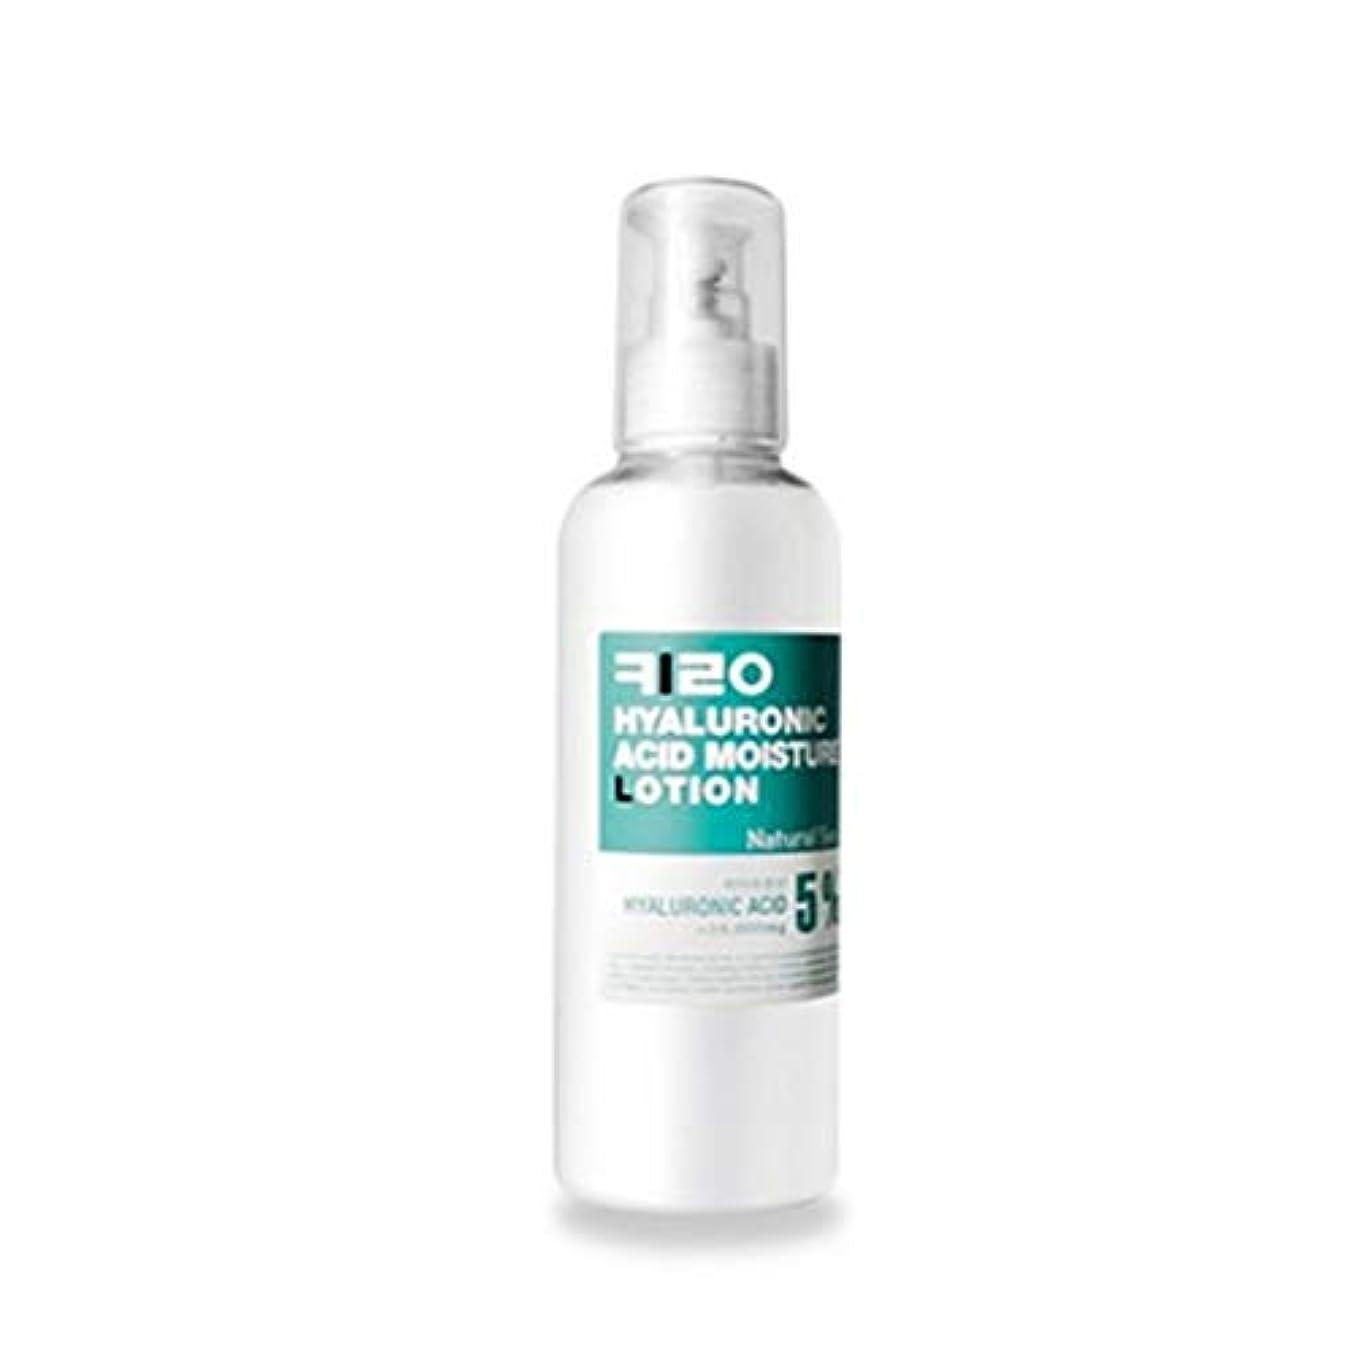 やめるアメリカ成果ナチュラルSooキーロヒアルロン酸モイスチャーローション200g韓国コスメ、Natural Soo Hyaluronic Acid Moisture Lotion 200g Korean Cosmetics [並行輸入品]